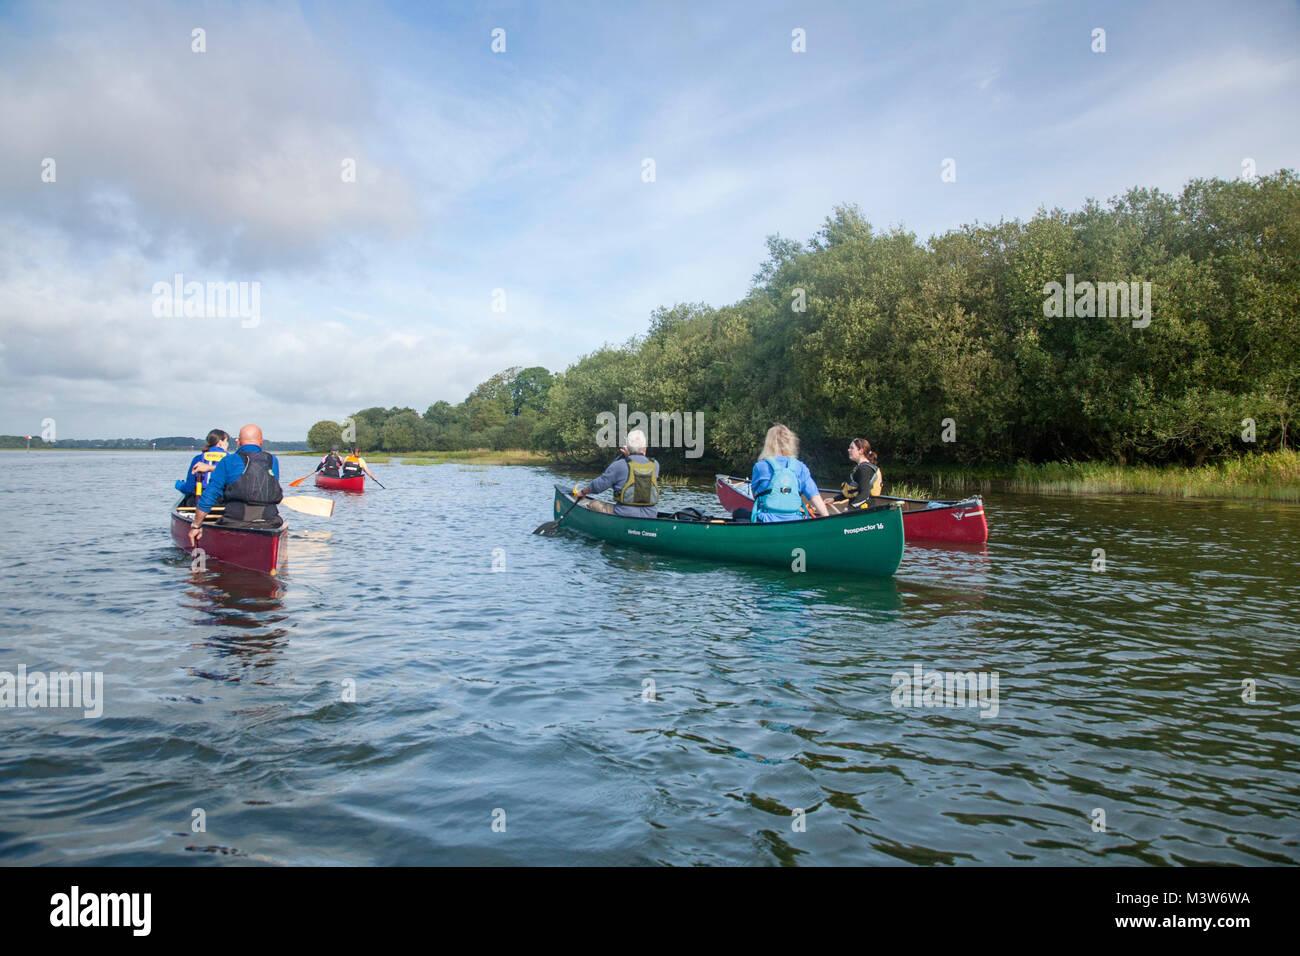 Canoë-kayak sur la rivière Bann près de Toome, comté d'Antrim, en Irlande du Nord. Photo Stock